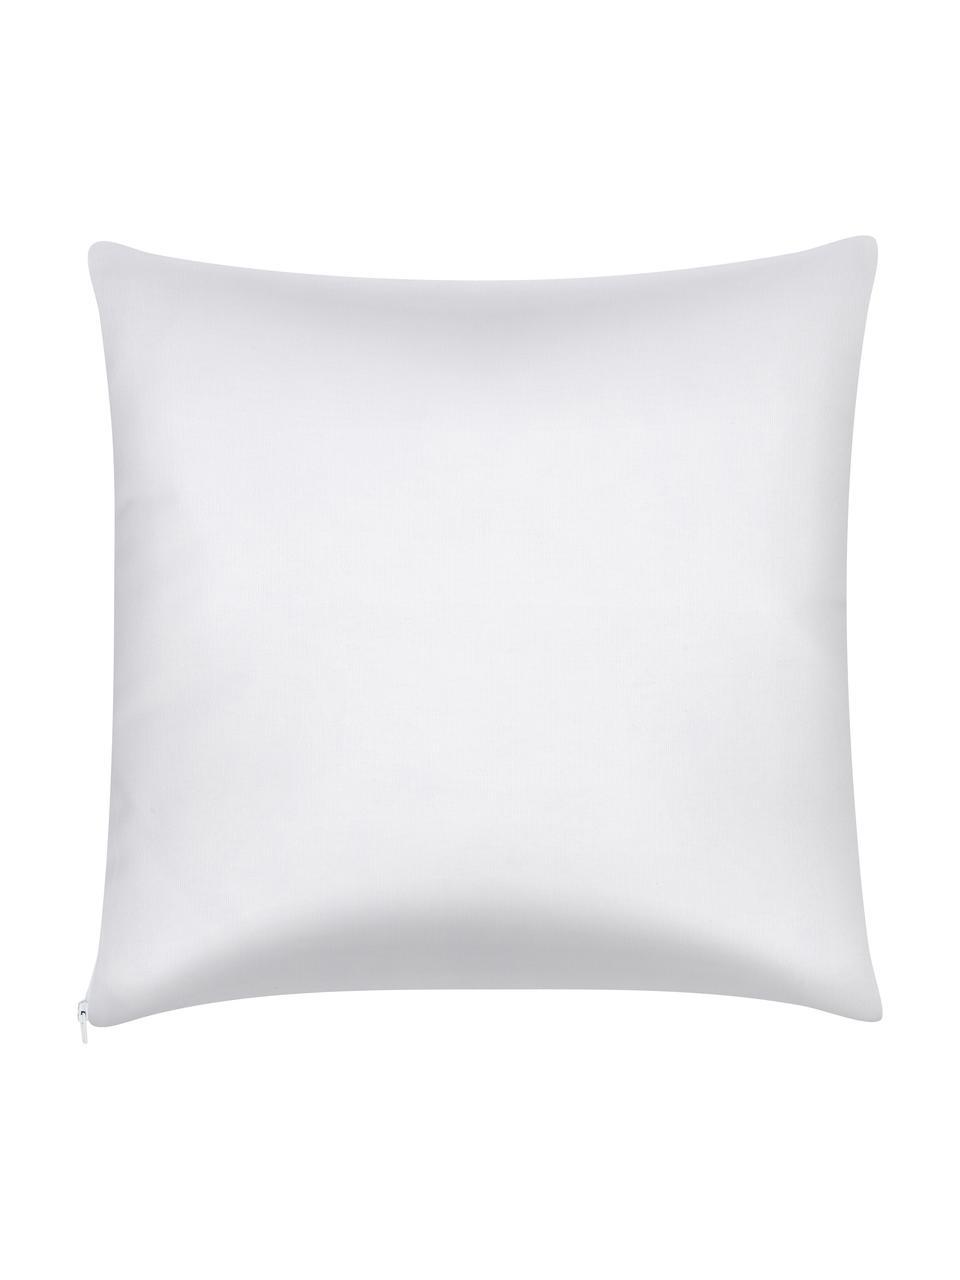 Kissenhülle Corey mit Streifen in Gelb/Weiß, 100% Baumwolle, Gelb-Orange, Weiß, 40 x 40 cm